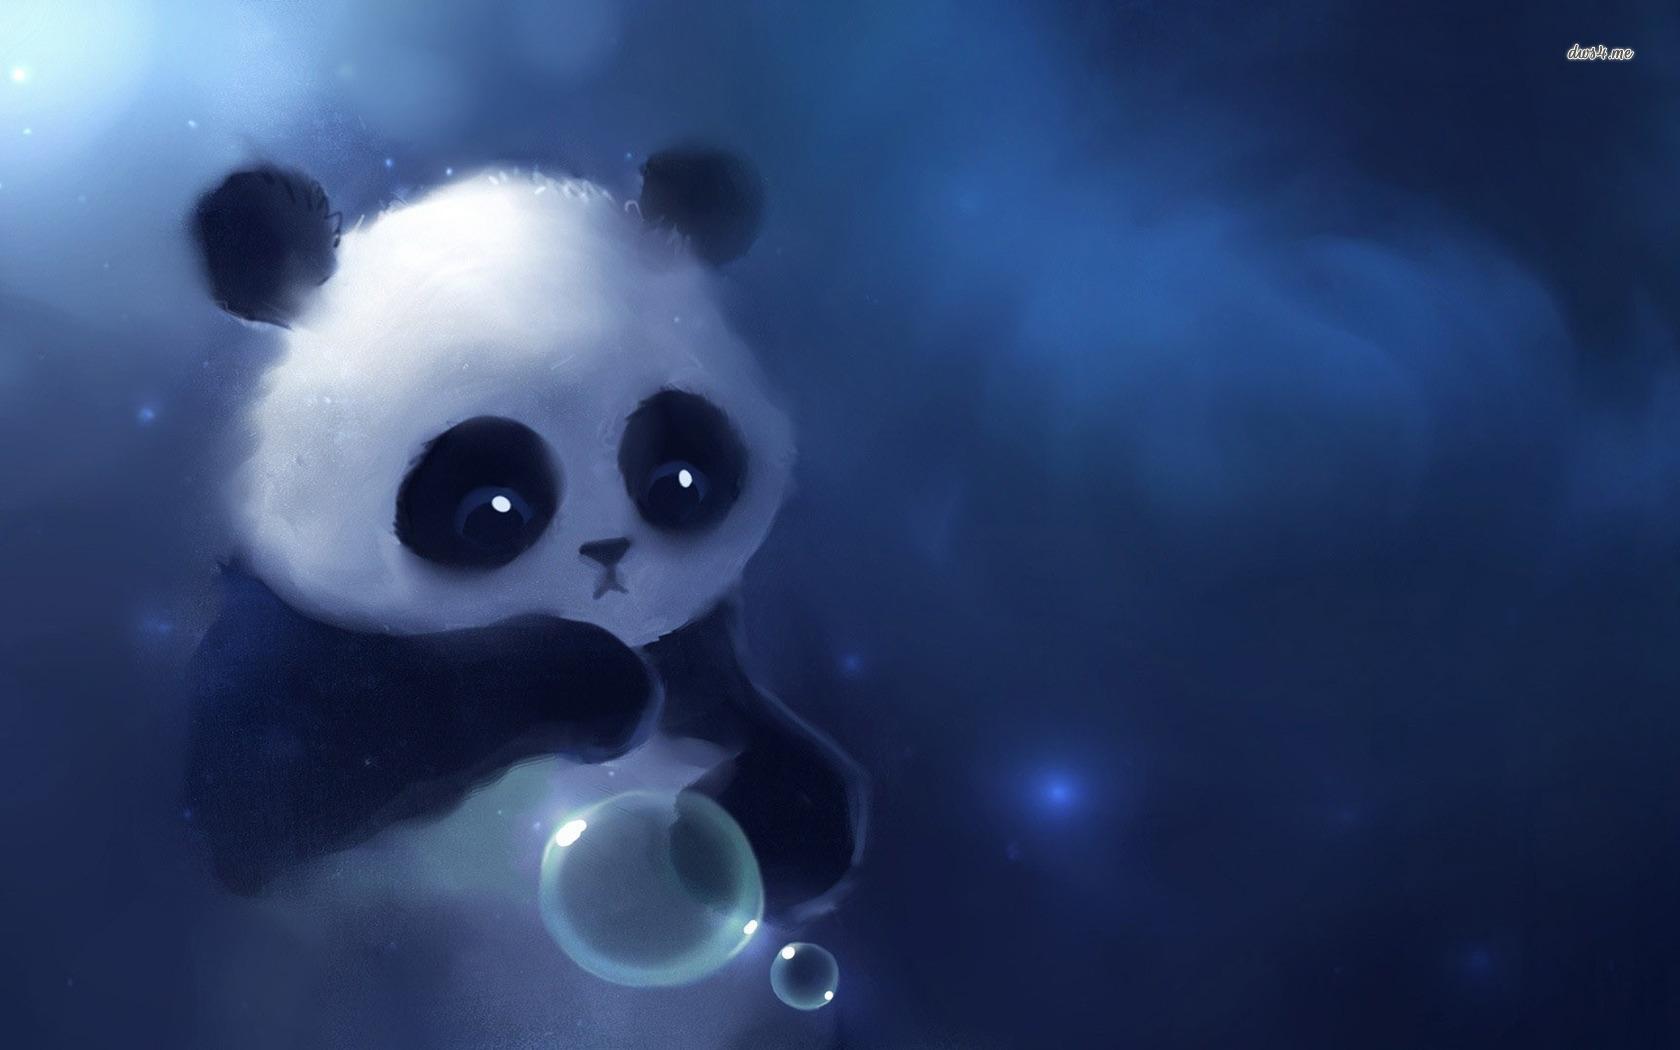 cute baby panda 1680x1050 artistic wallpaper Baby Panda Wallpaper Cute 1680x1050